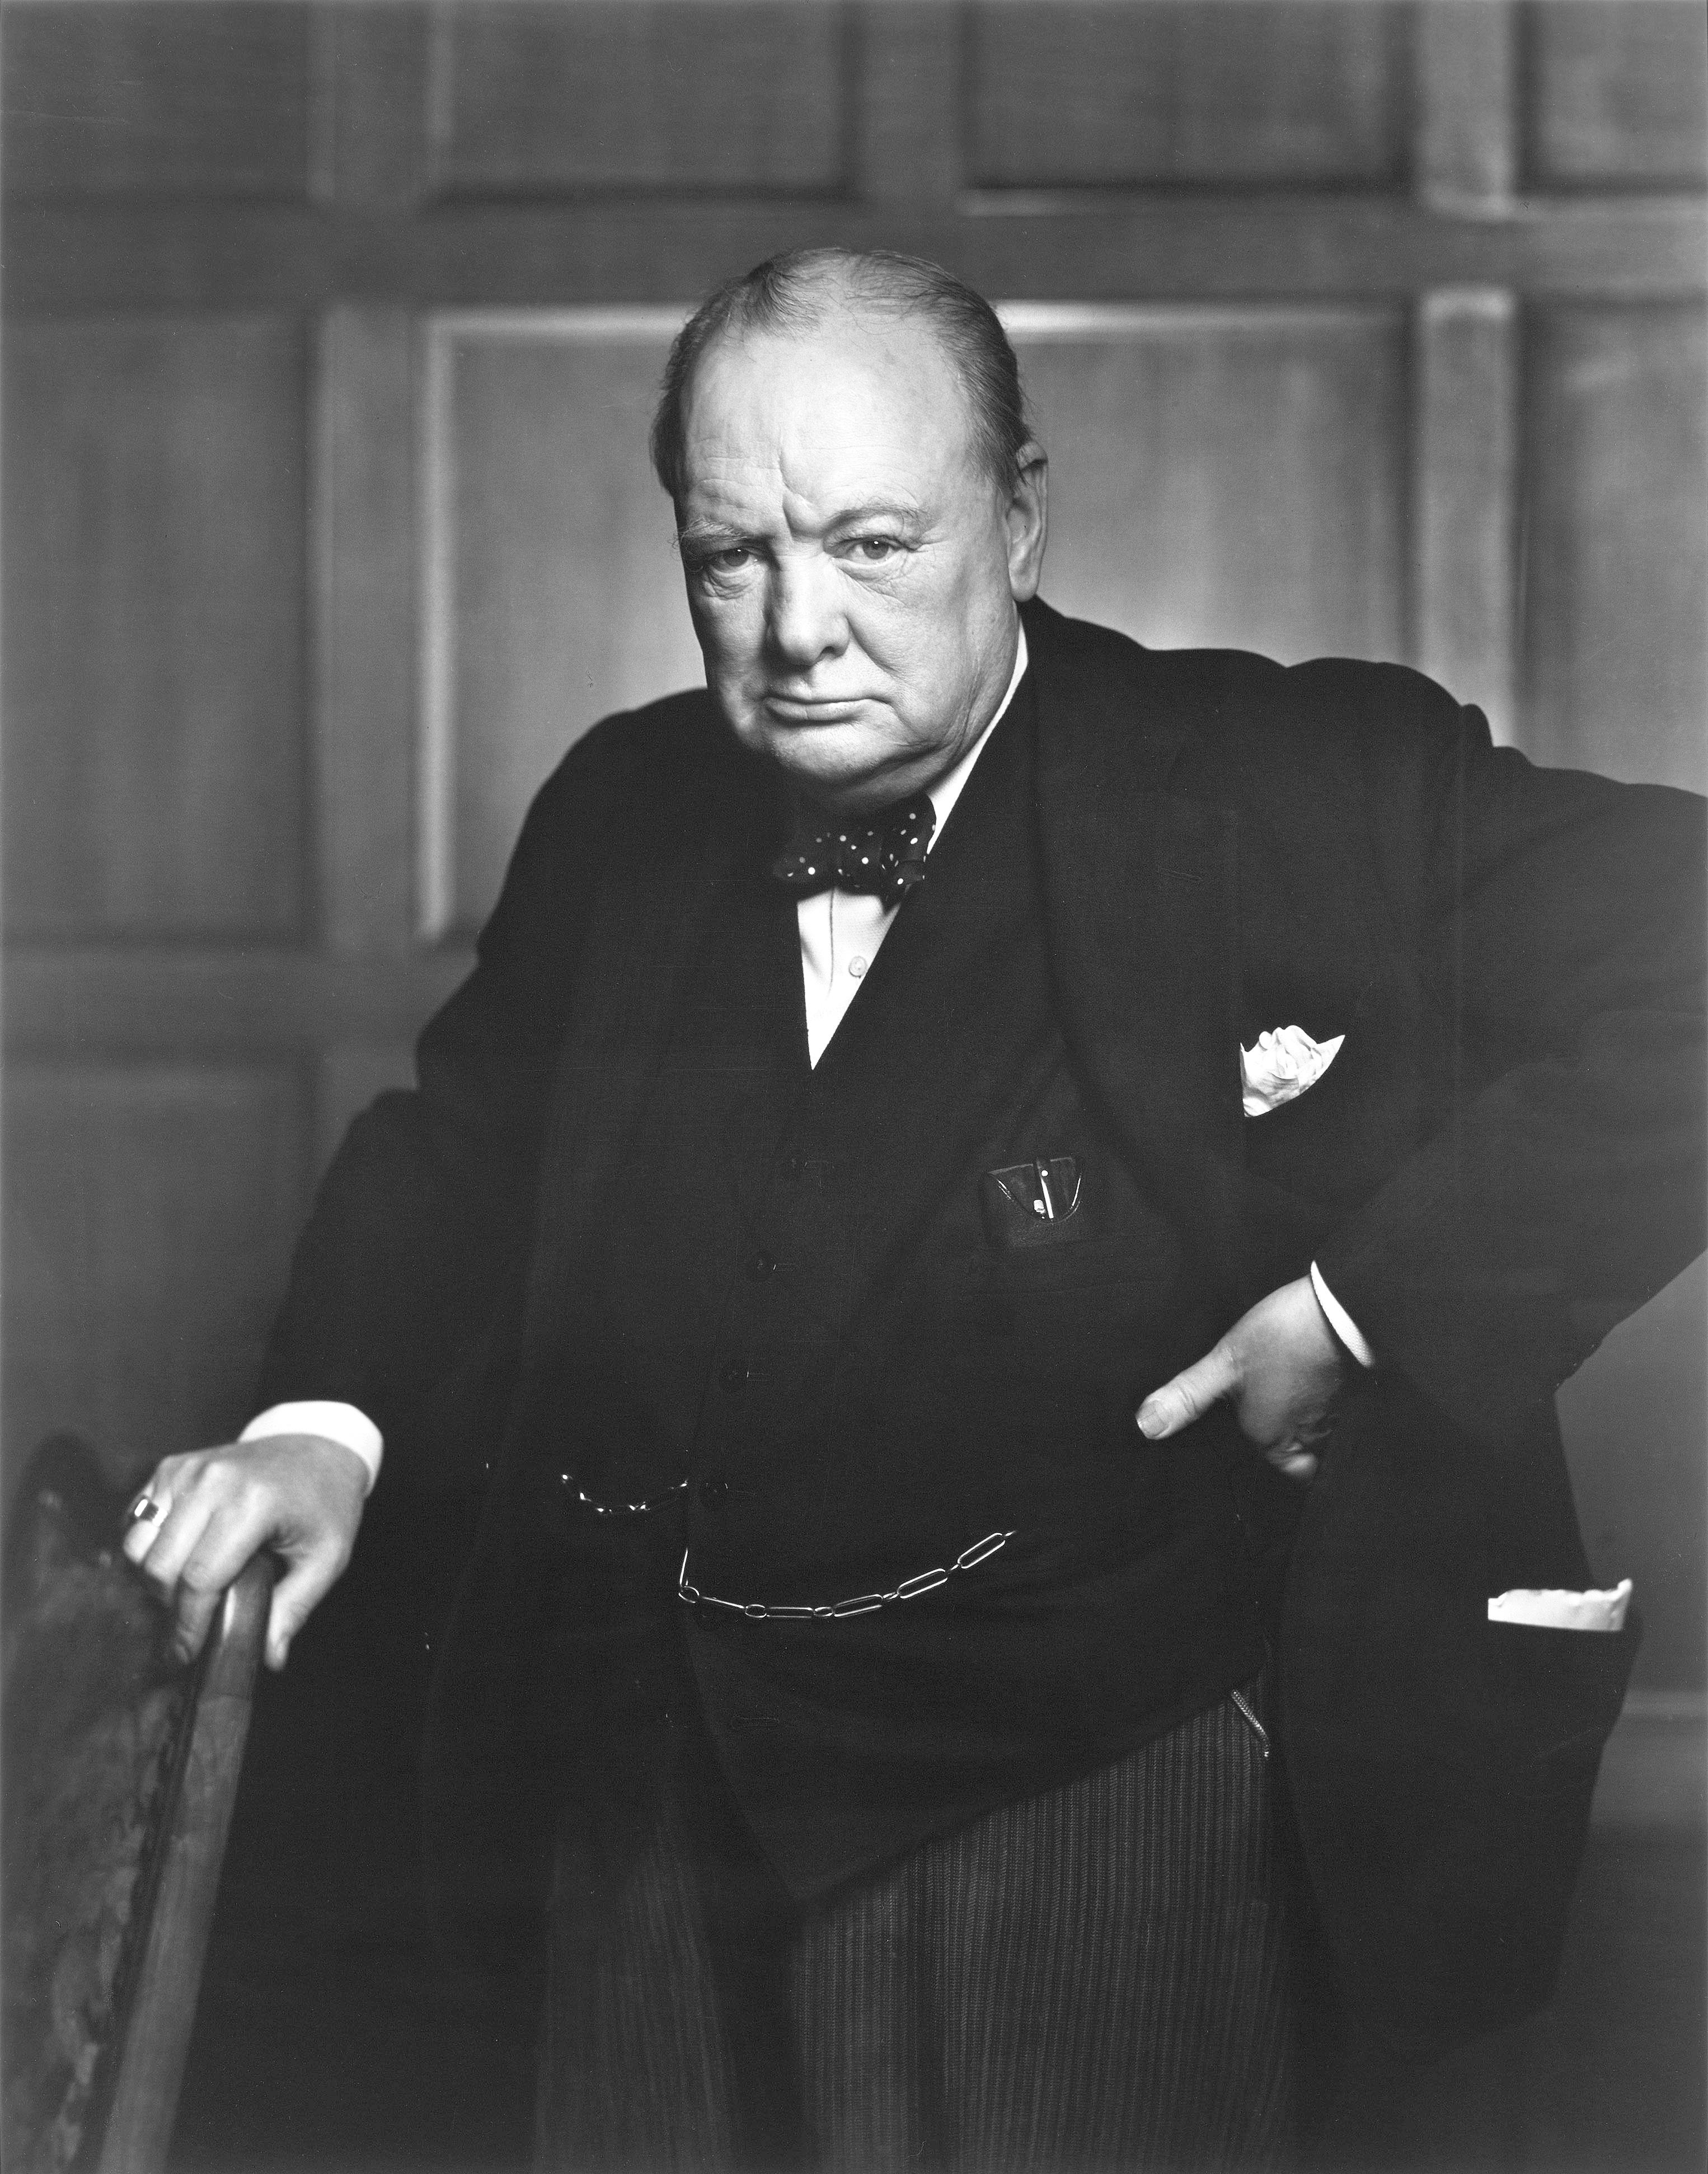 Veja o que saiu no Migalhas sobre Winston Churchill